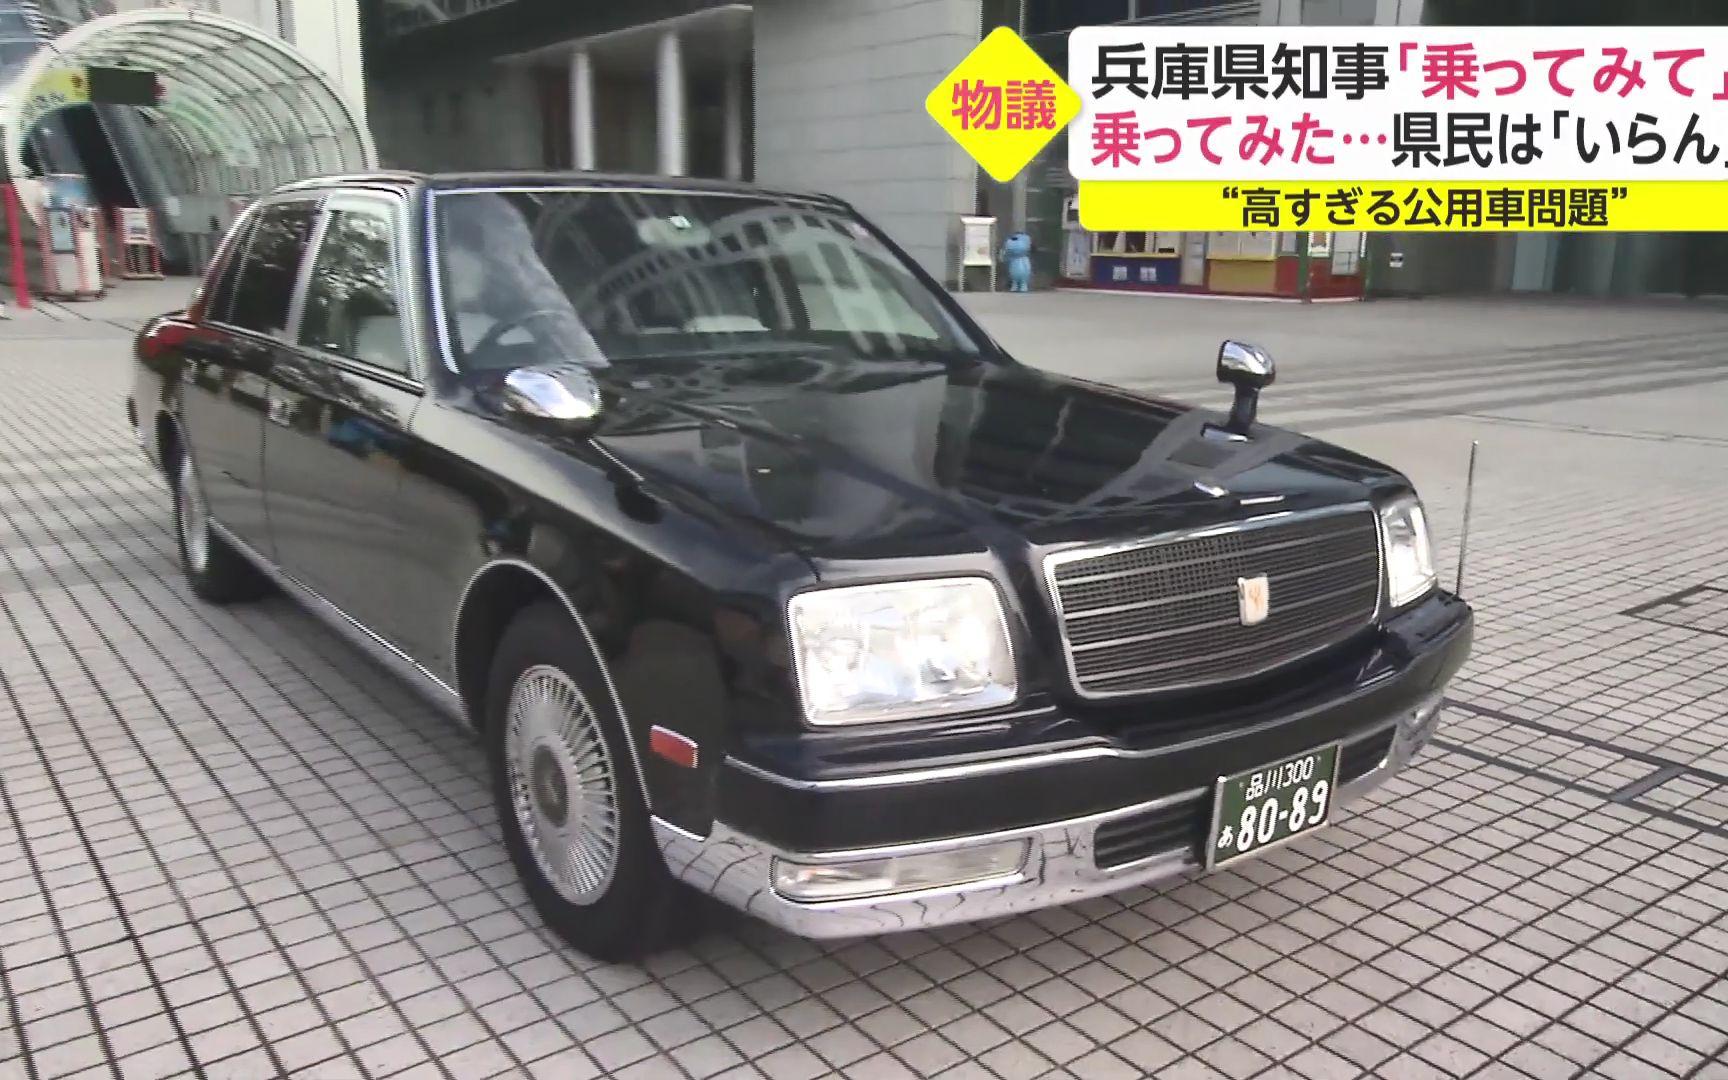 知事 車 北海道 公用